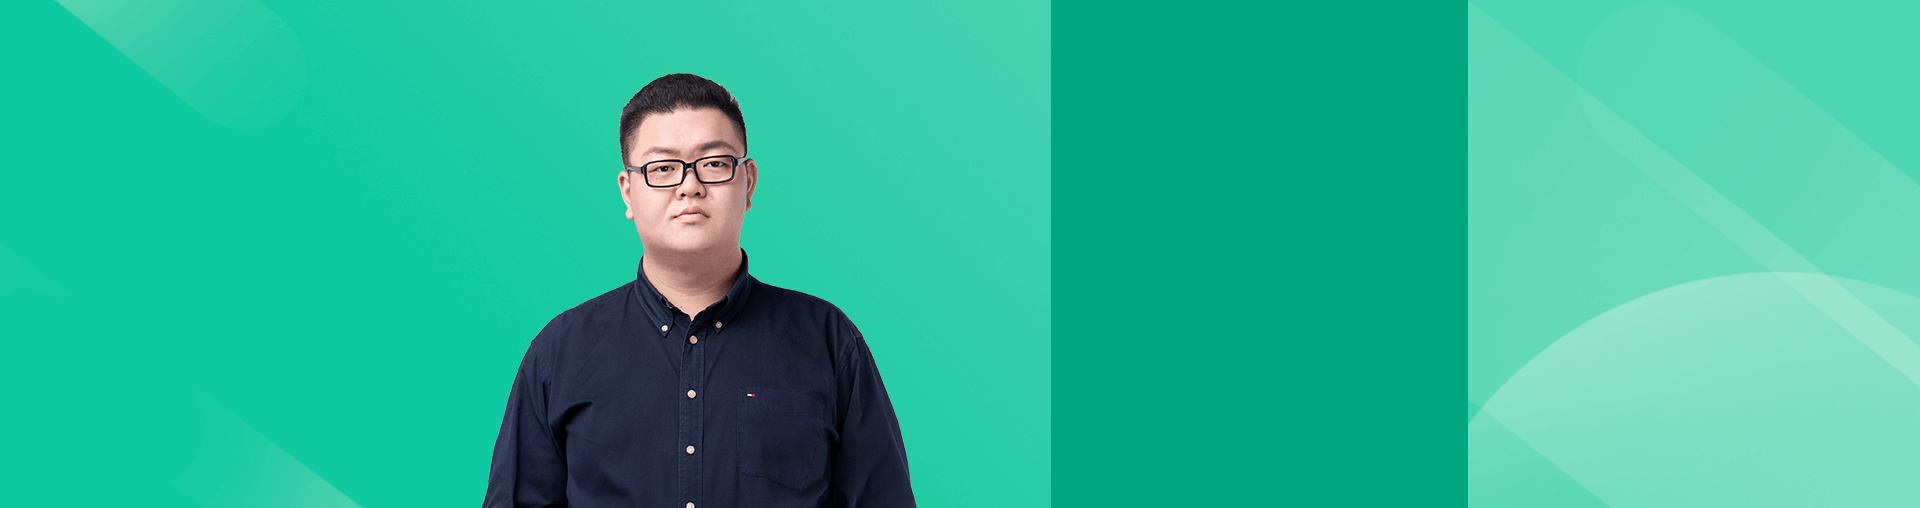 【6人拼团0.99元】你好!大政治——王一珉时政精华讲评(2019上半年)